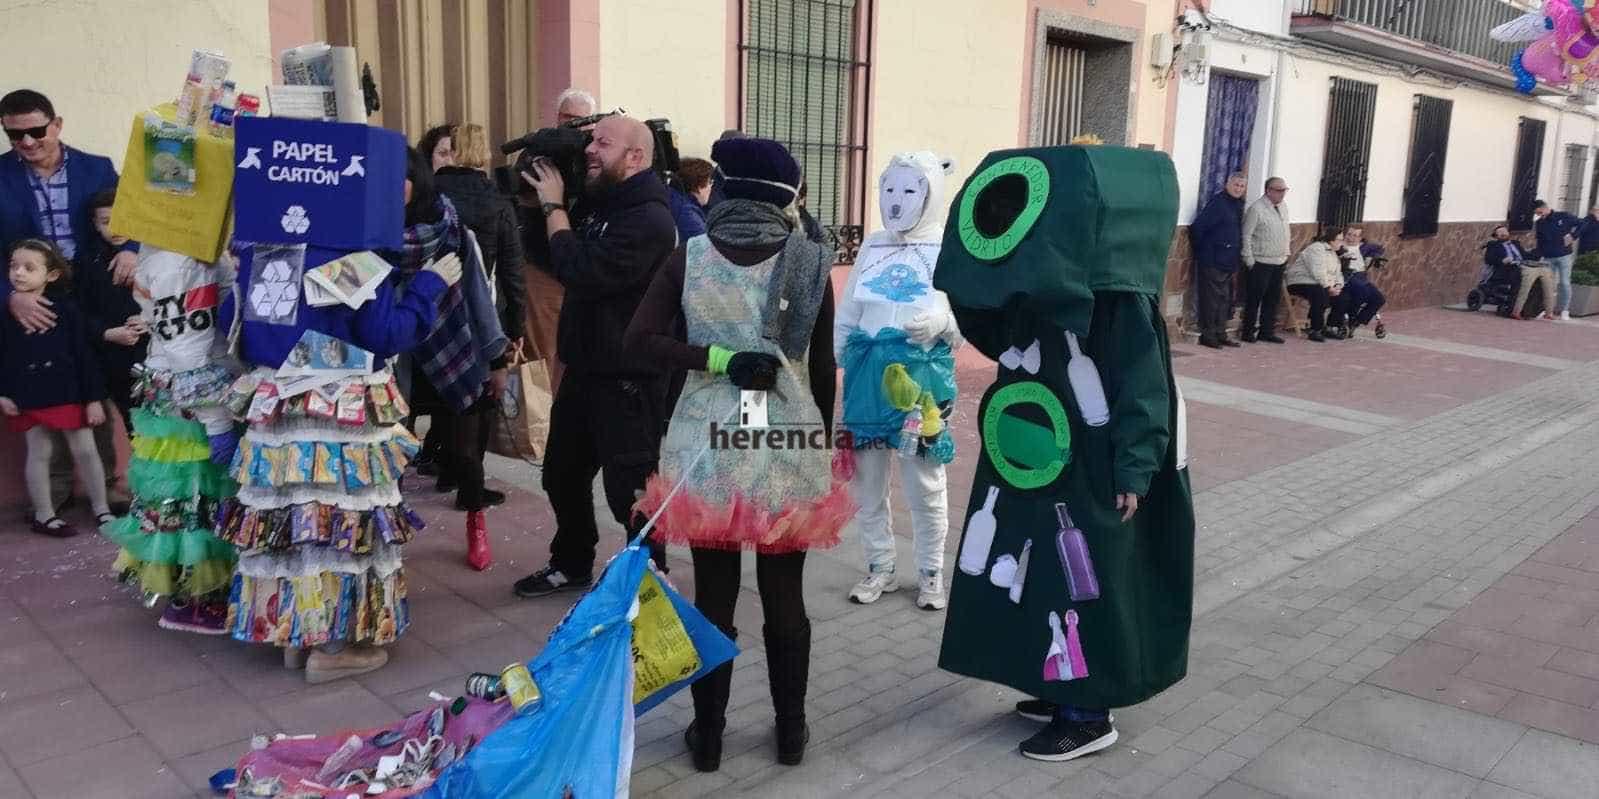 Carnaval herencia 2020 pasacalles domingo deseosas 5 - El Domingo de las Deseosas invita a todo el mundo al Carnaval de Herencia